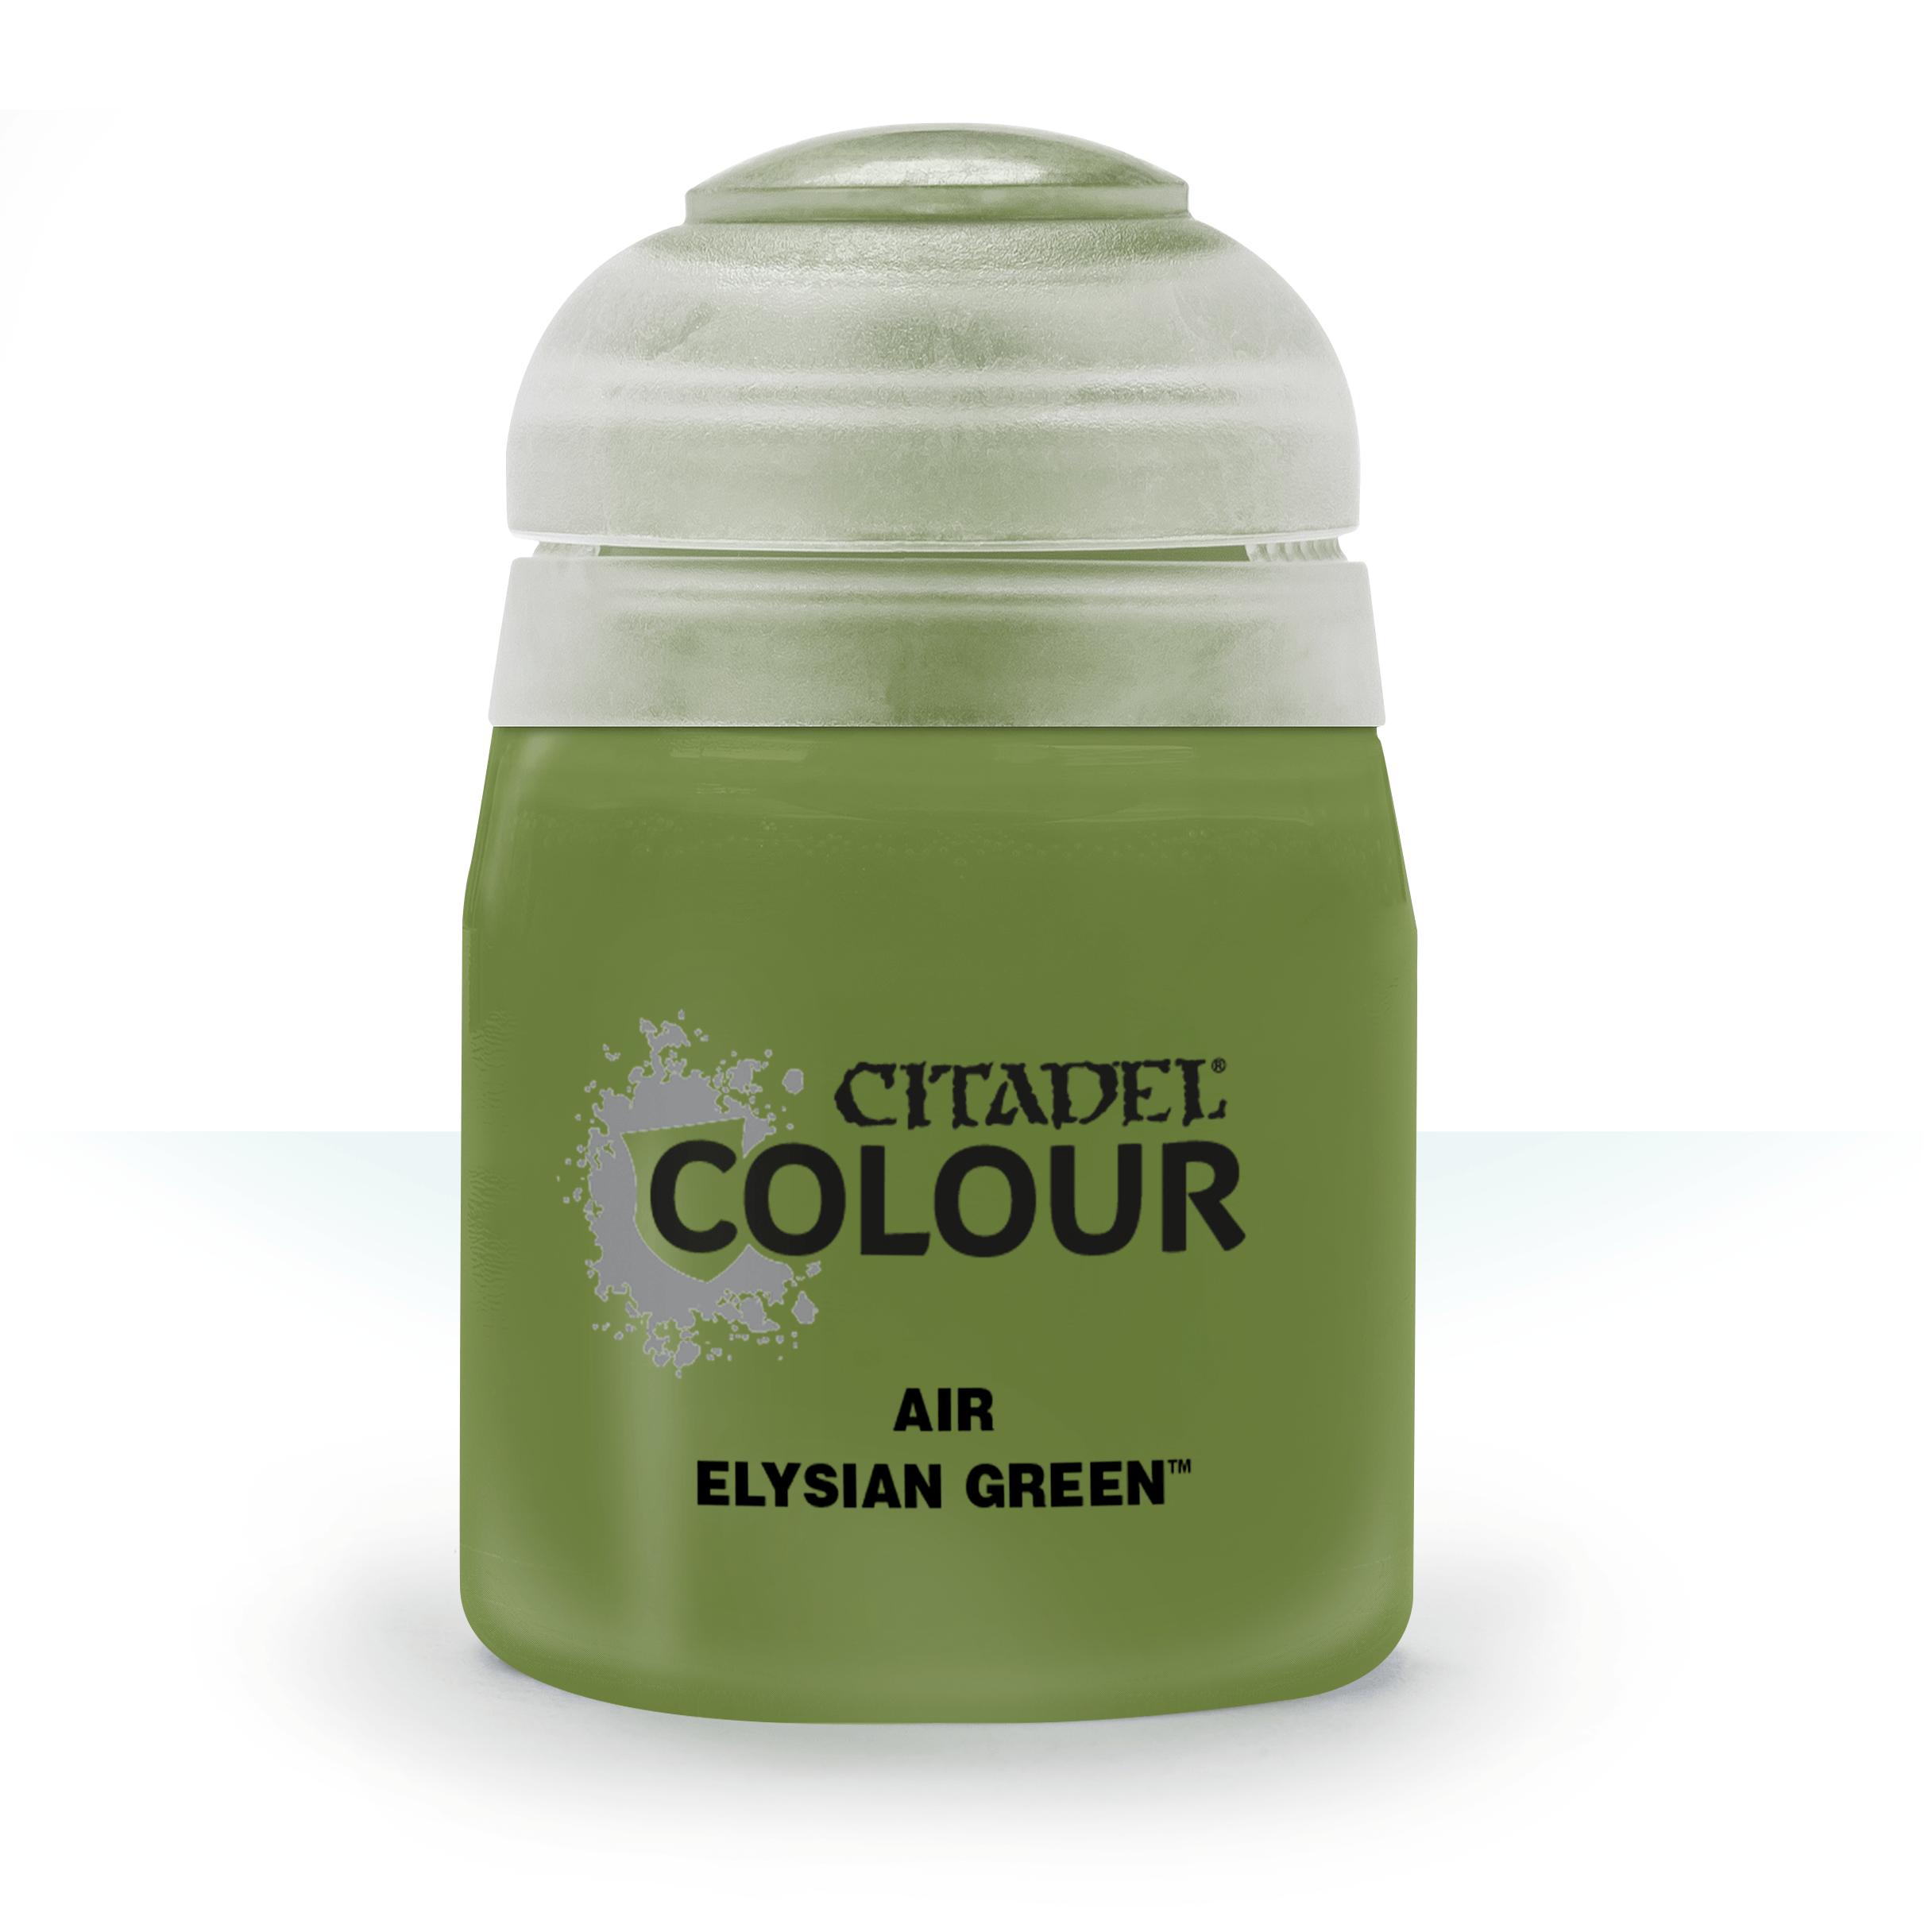 Elysian Green, Citadel Air 24ml